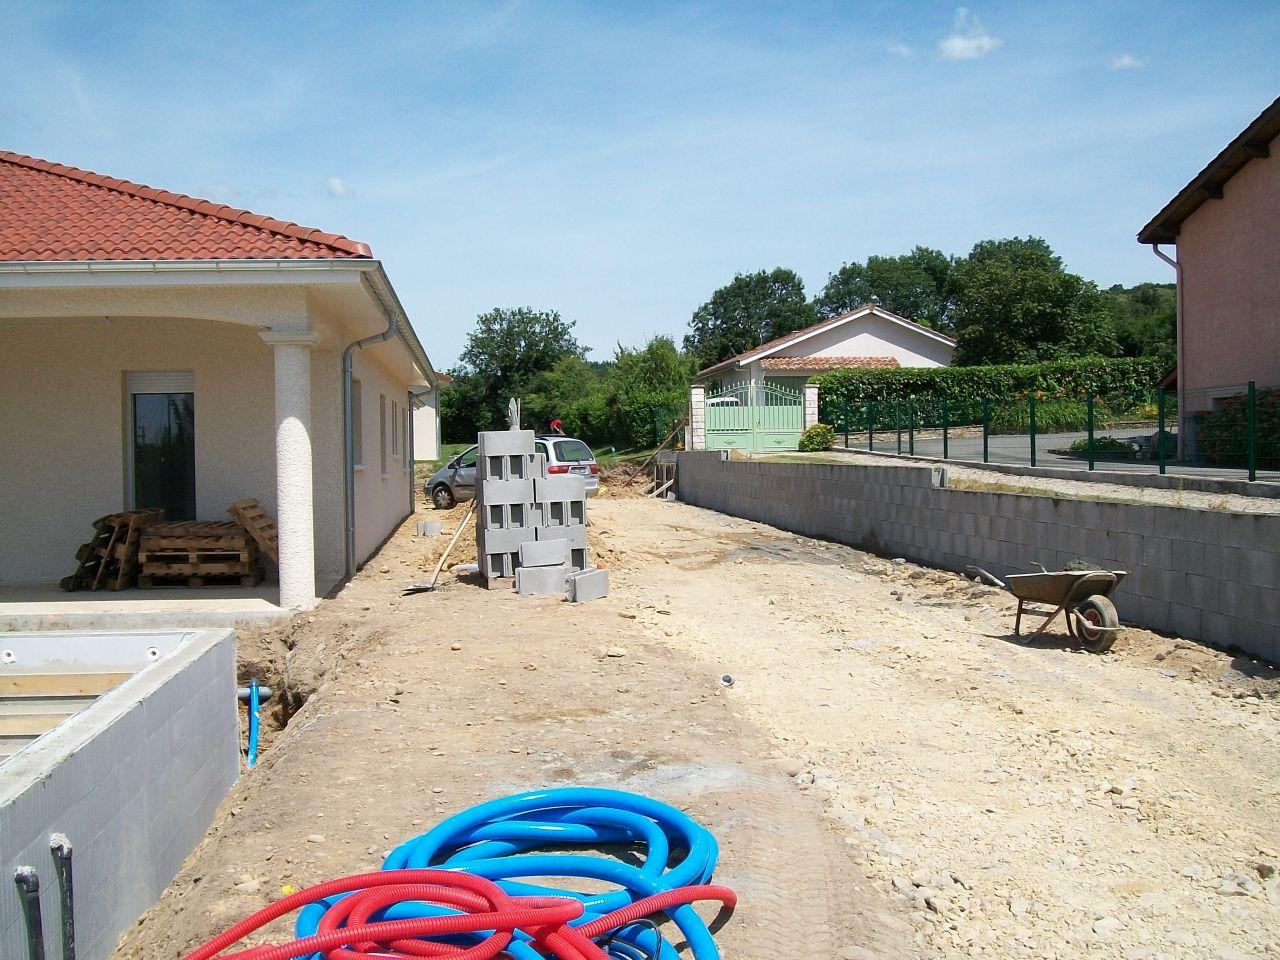 Carrelage d but mur de soutenement piscine c 39 est parti for Piscine bourgoin jallieu